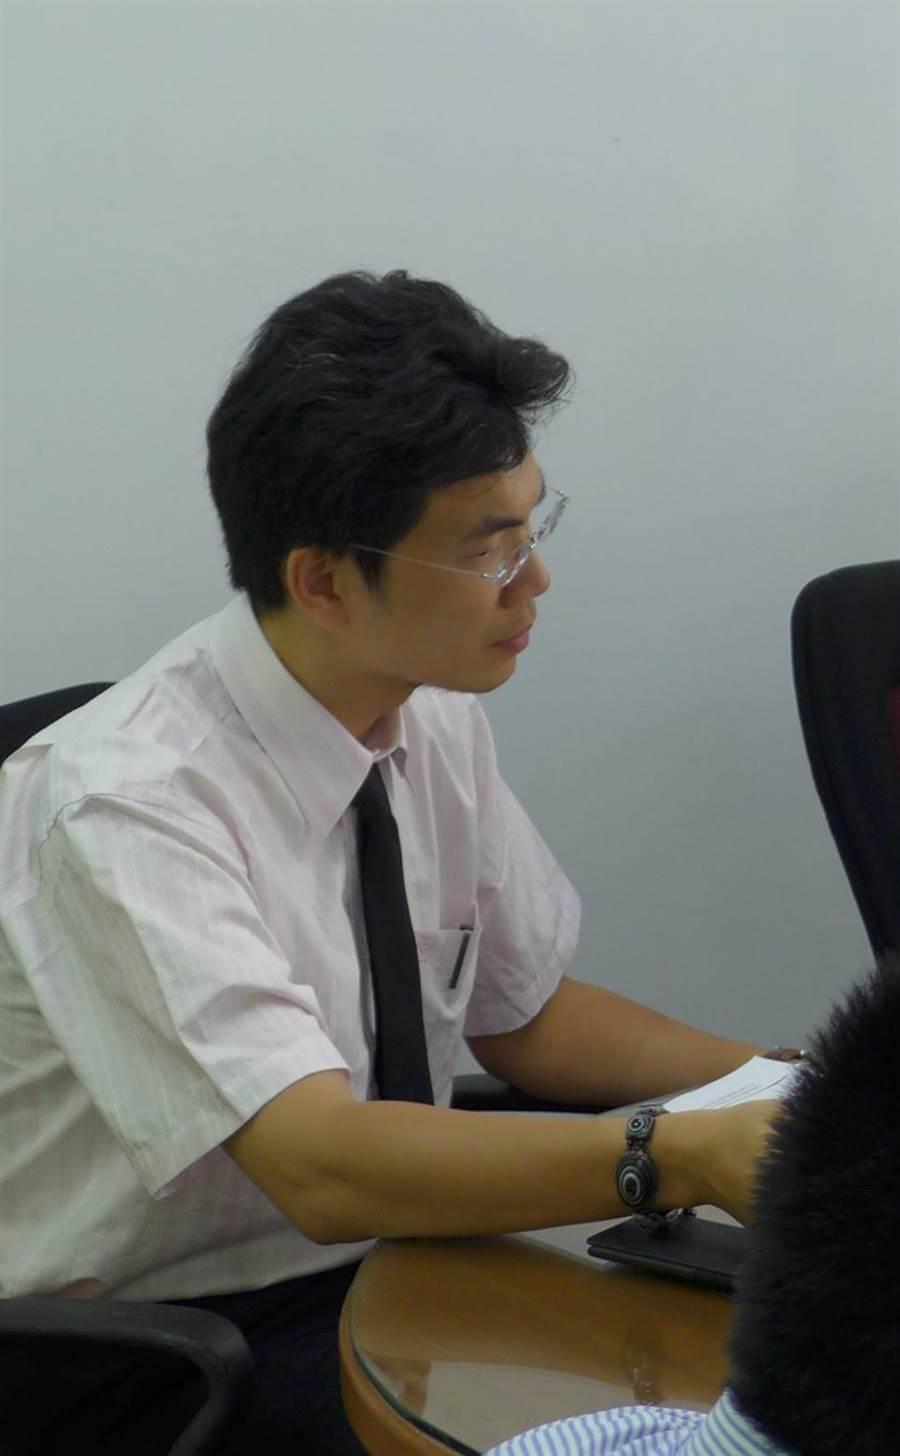 今職務法庭宣判林俊佑免除檢察官職務,轉任檢察官以外的公務人員職務,未來去處備受關注。(資料照)